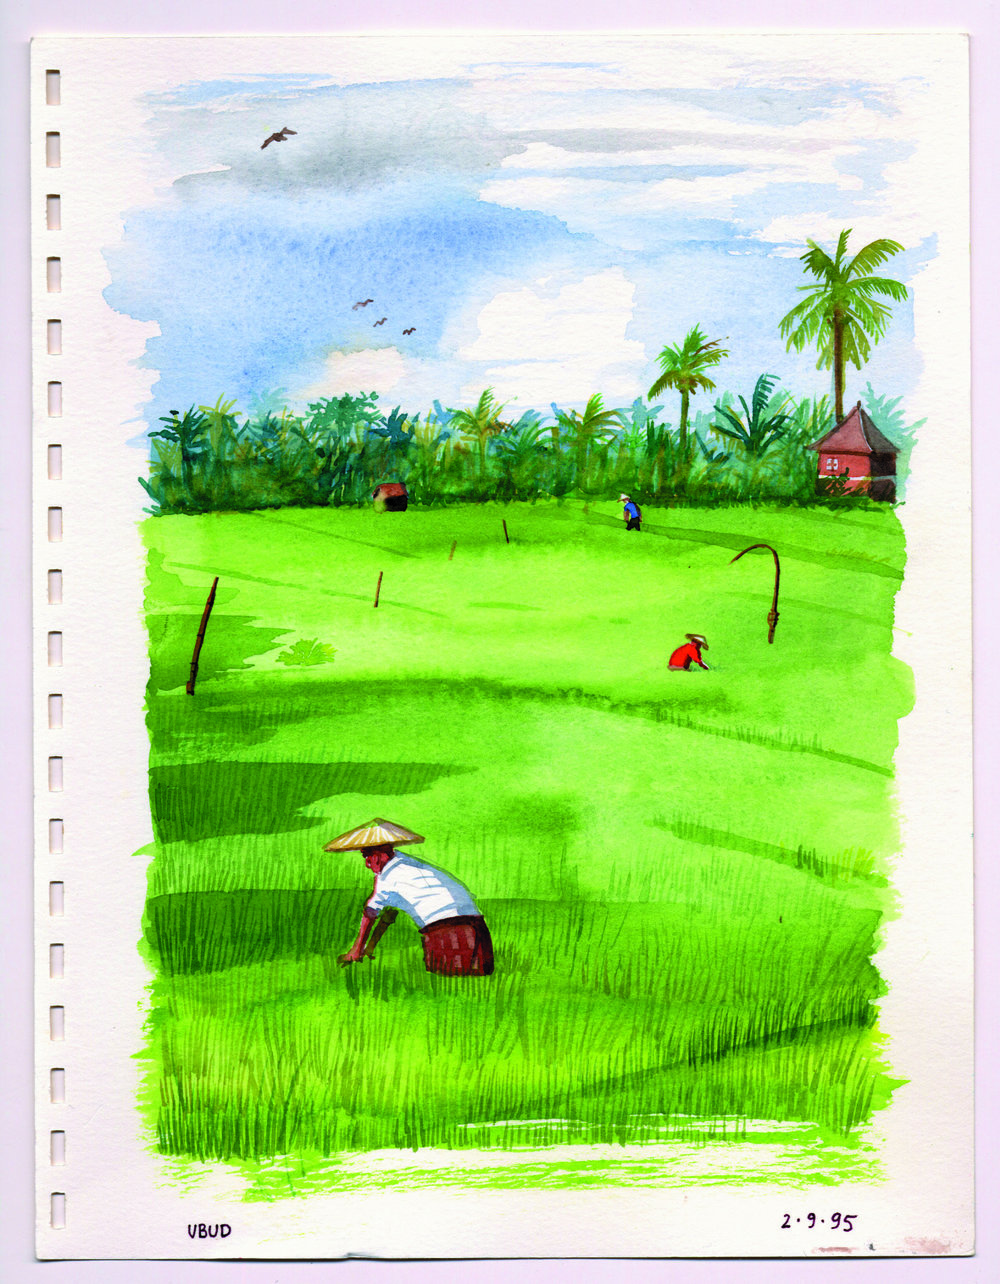 Bali2)1995